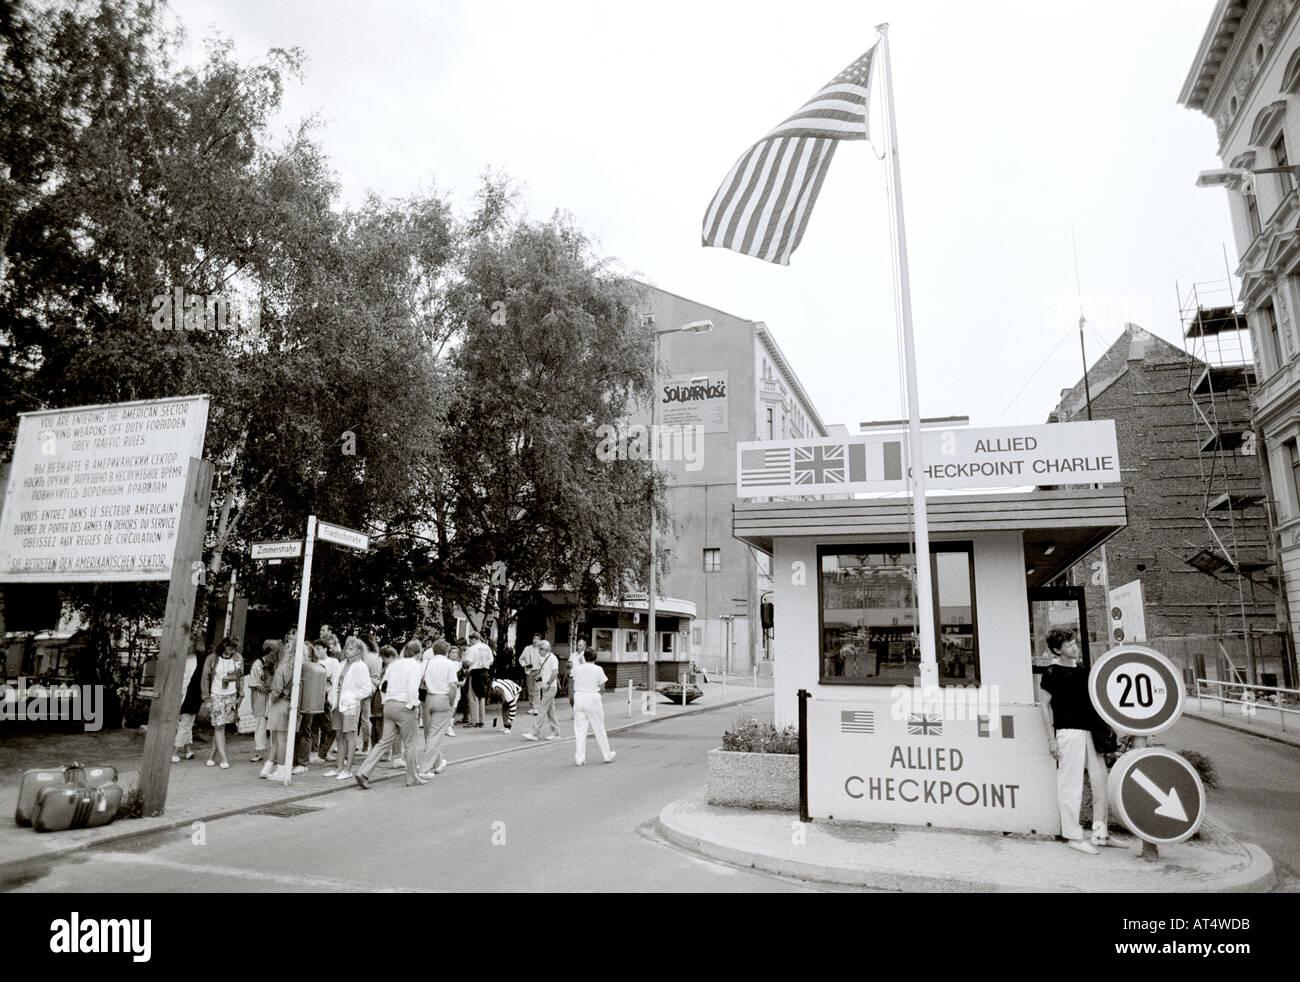 Guerra Fría Checkpoint Charlie en Berlín Occidental en Alemania en Europa. Reportaje Historia Política Cultura Viajes Foto de stock